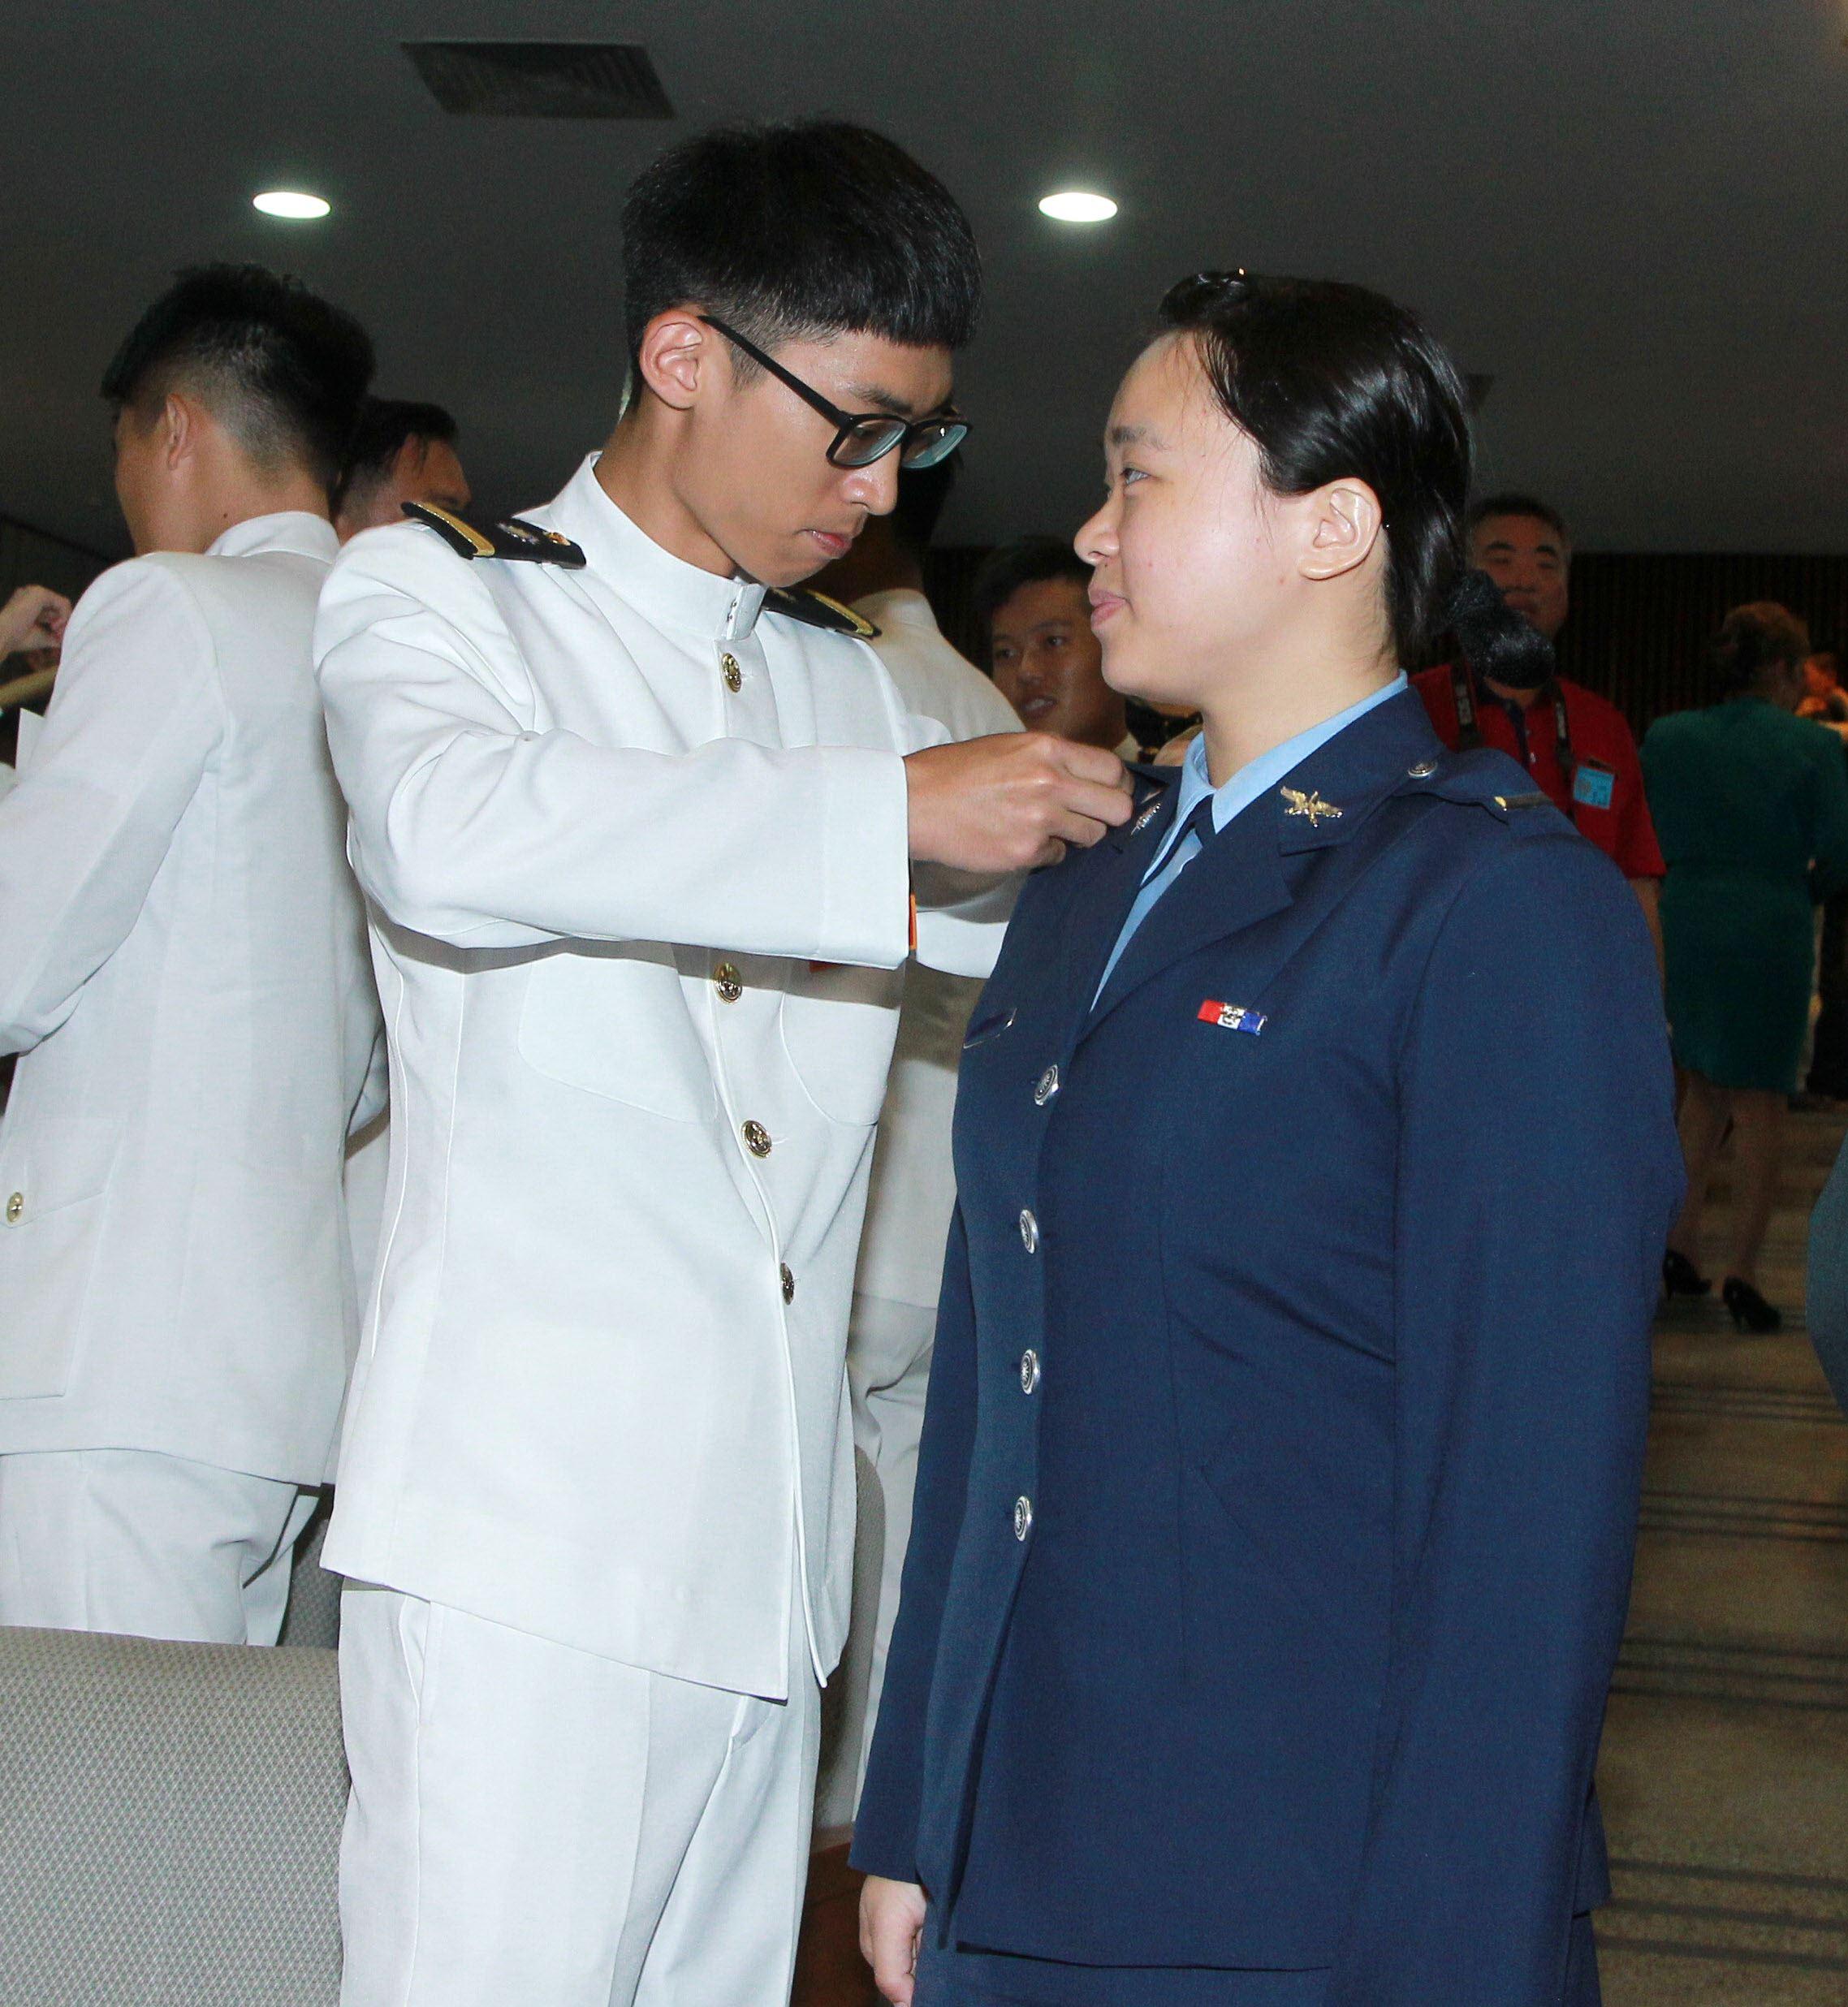 三軍六校院畢業典禮畢業生雖然不同軍種但有革命情感相互掛階。(記者邱榮吉/鳳山拍攝)